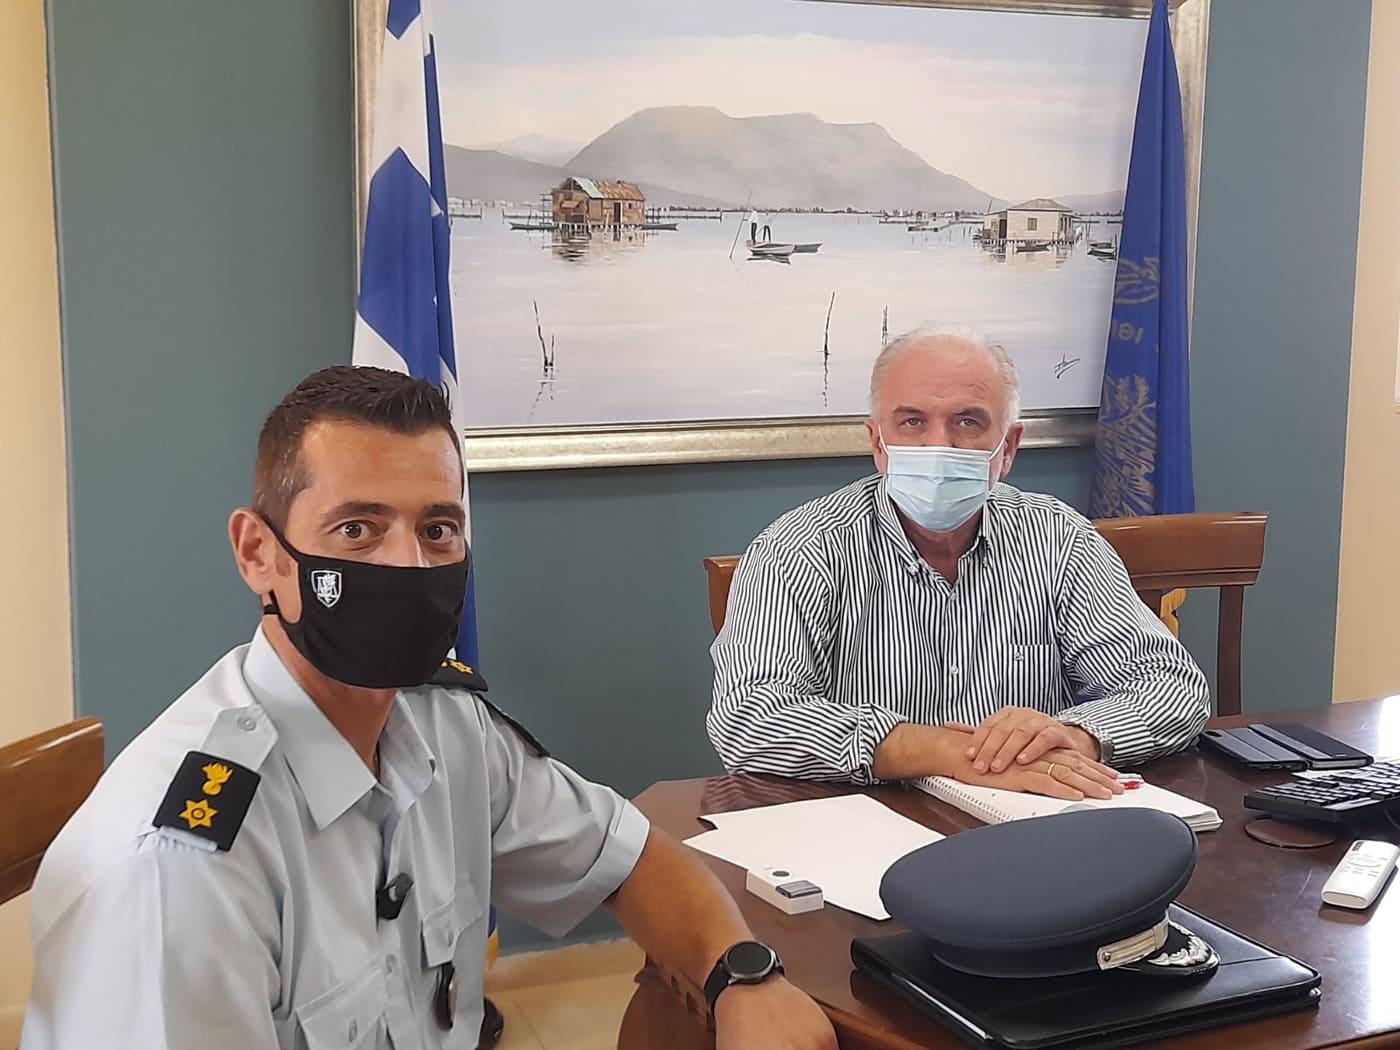 Μεσολόγγι: Οδηγική ασφάλεια και υποστελέχωση επί τάπητος στη συνάντηση Λύρου – διοικητή Τροχαίας Αιτωλίας